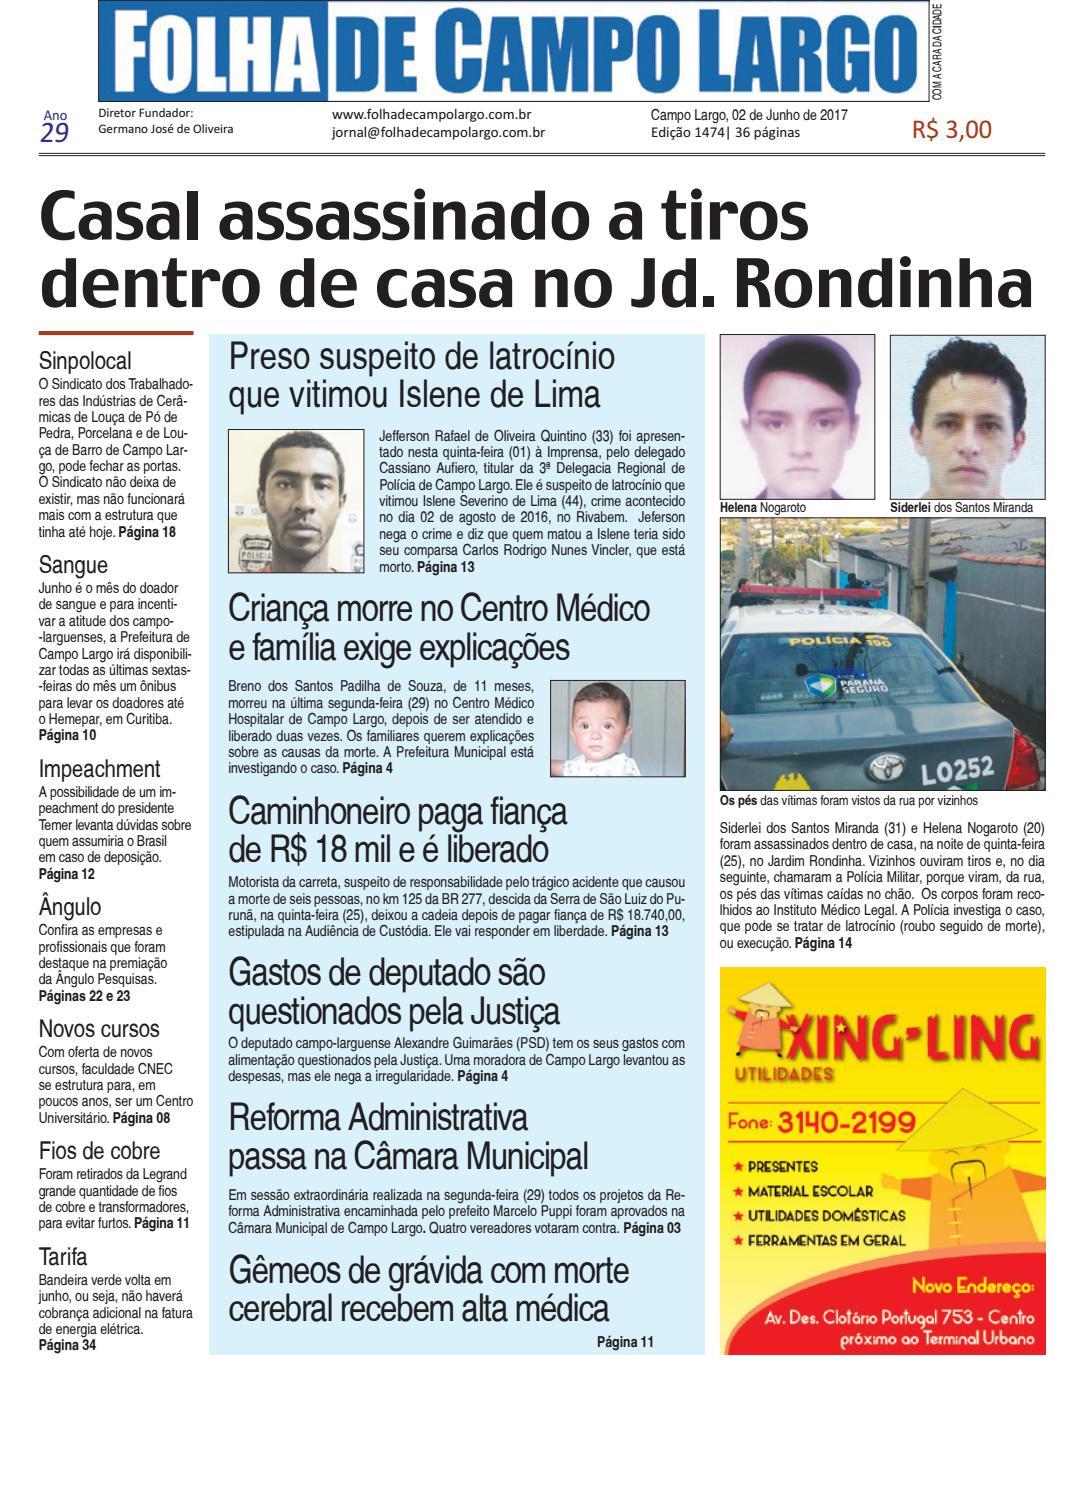 Folha de Campo Largo by Folha de Campo Largo - issuu e314ffe7a81af